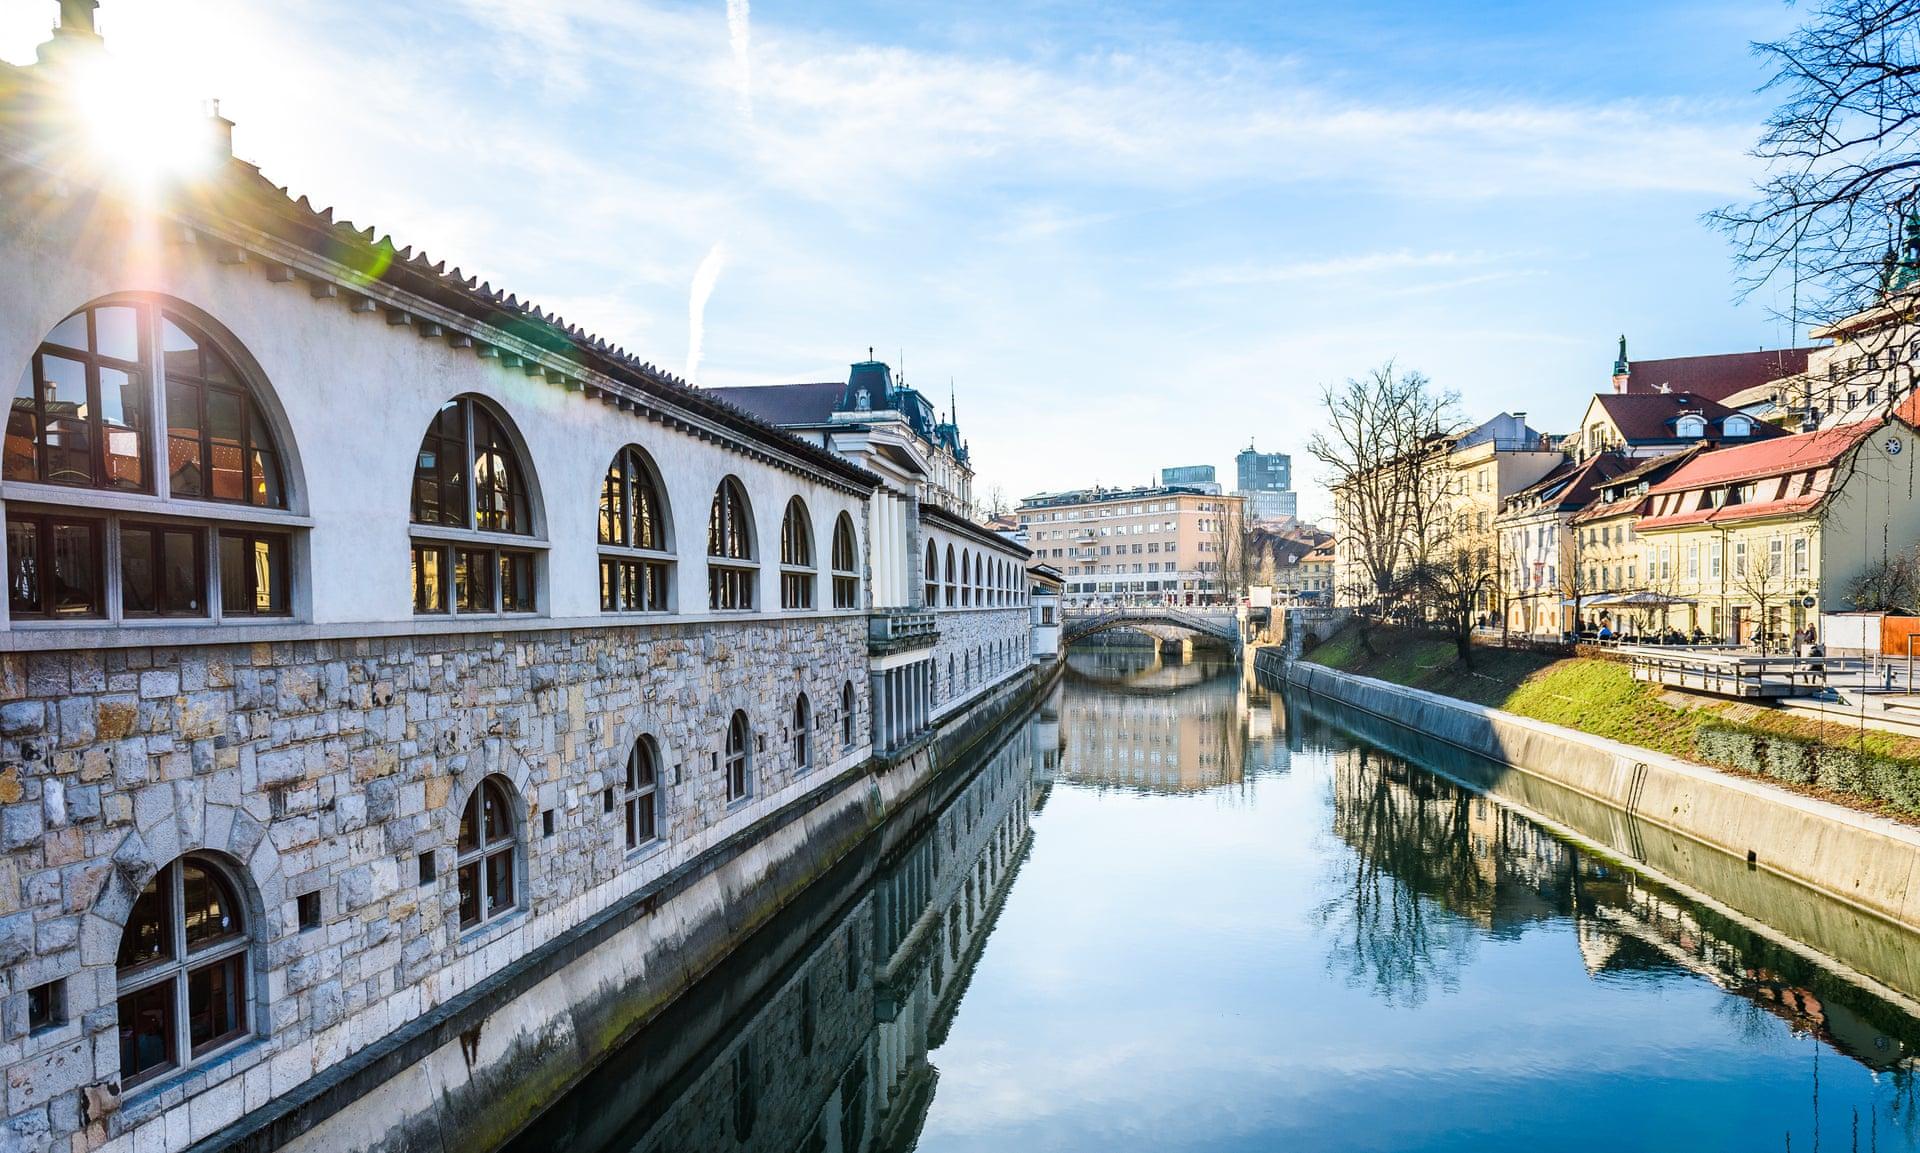 View of Ljubljanica River with old central market and Triple bridge, Ljubljana.